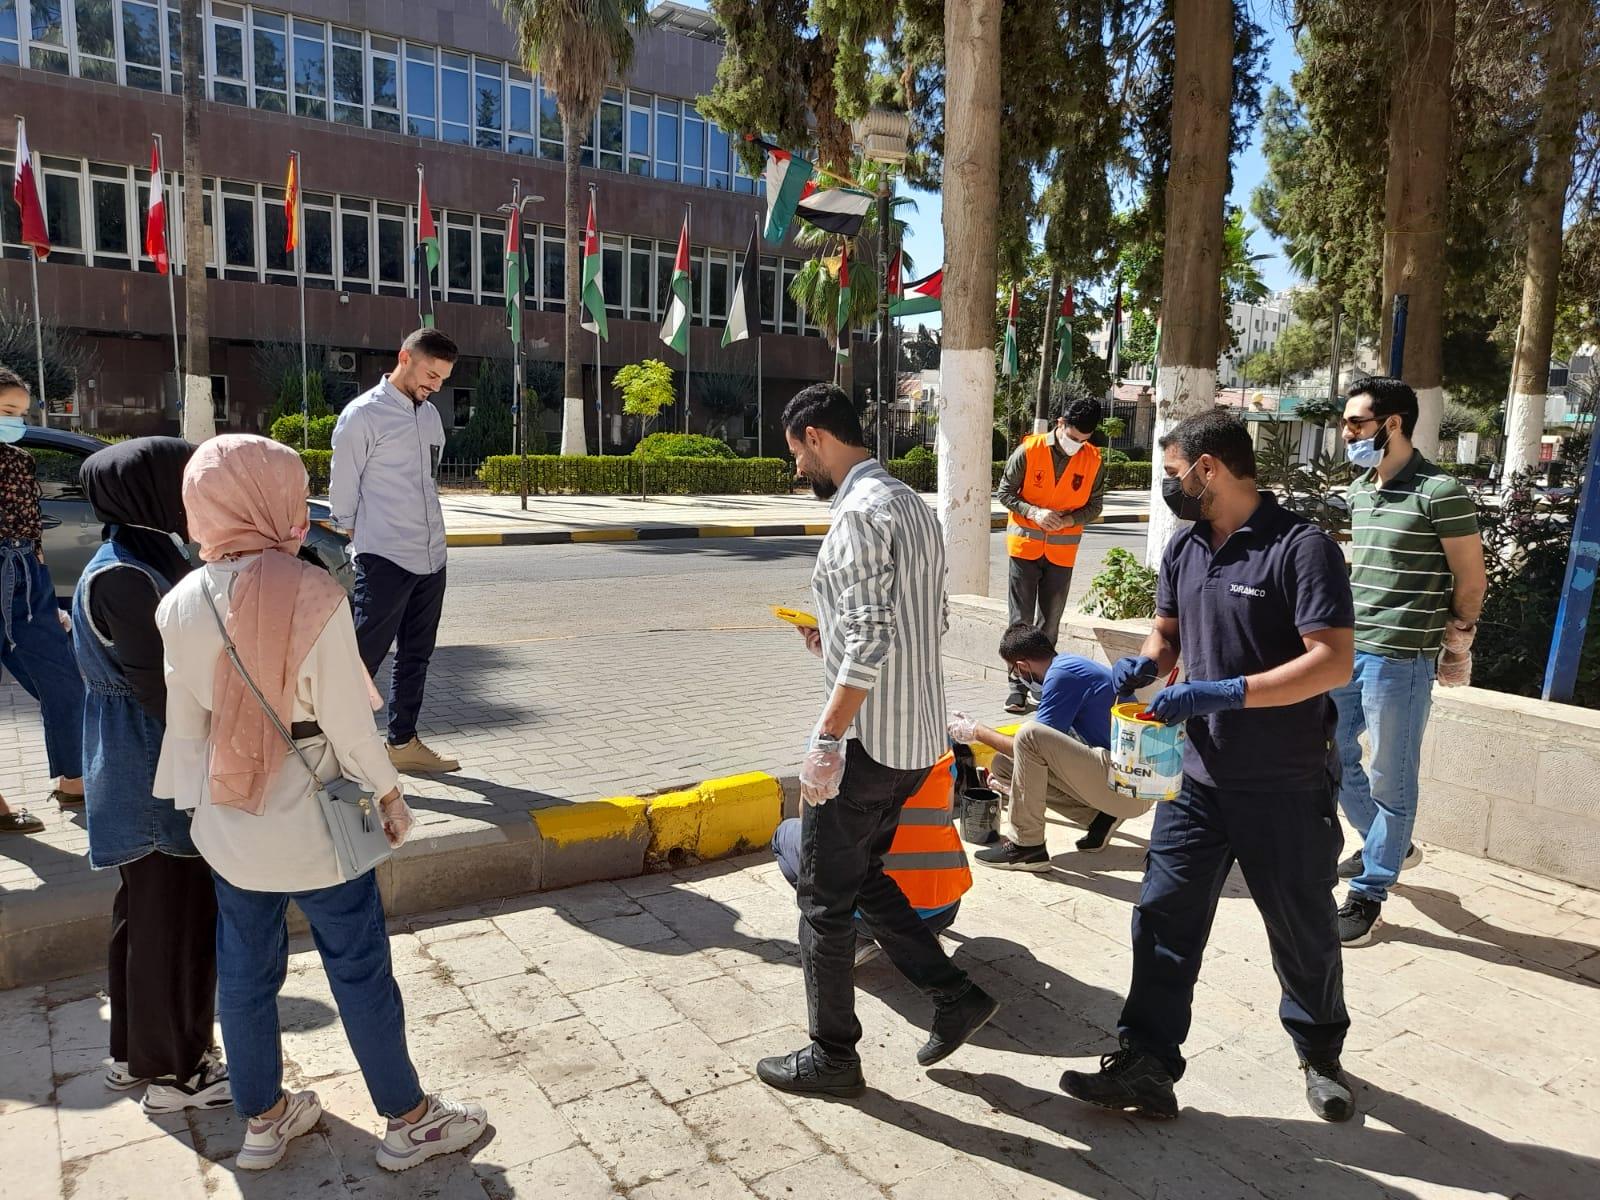 مركز تنمية وخدمة المجتمع في الجامعة الأردنية ينظم حملات تحضيرية لاستقبال الطلبة الجدد وعودة التعليم الوجاهي